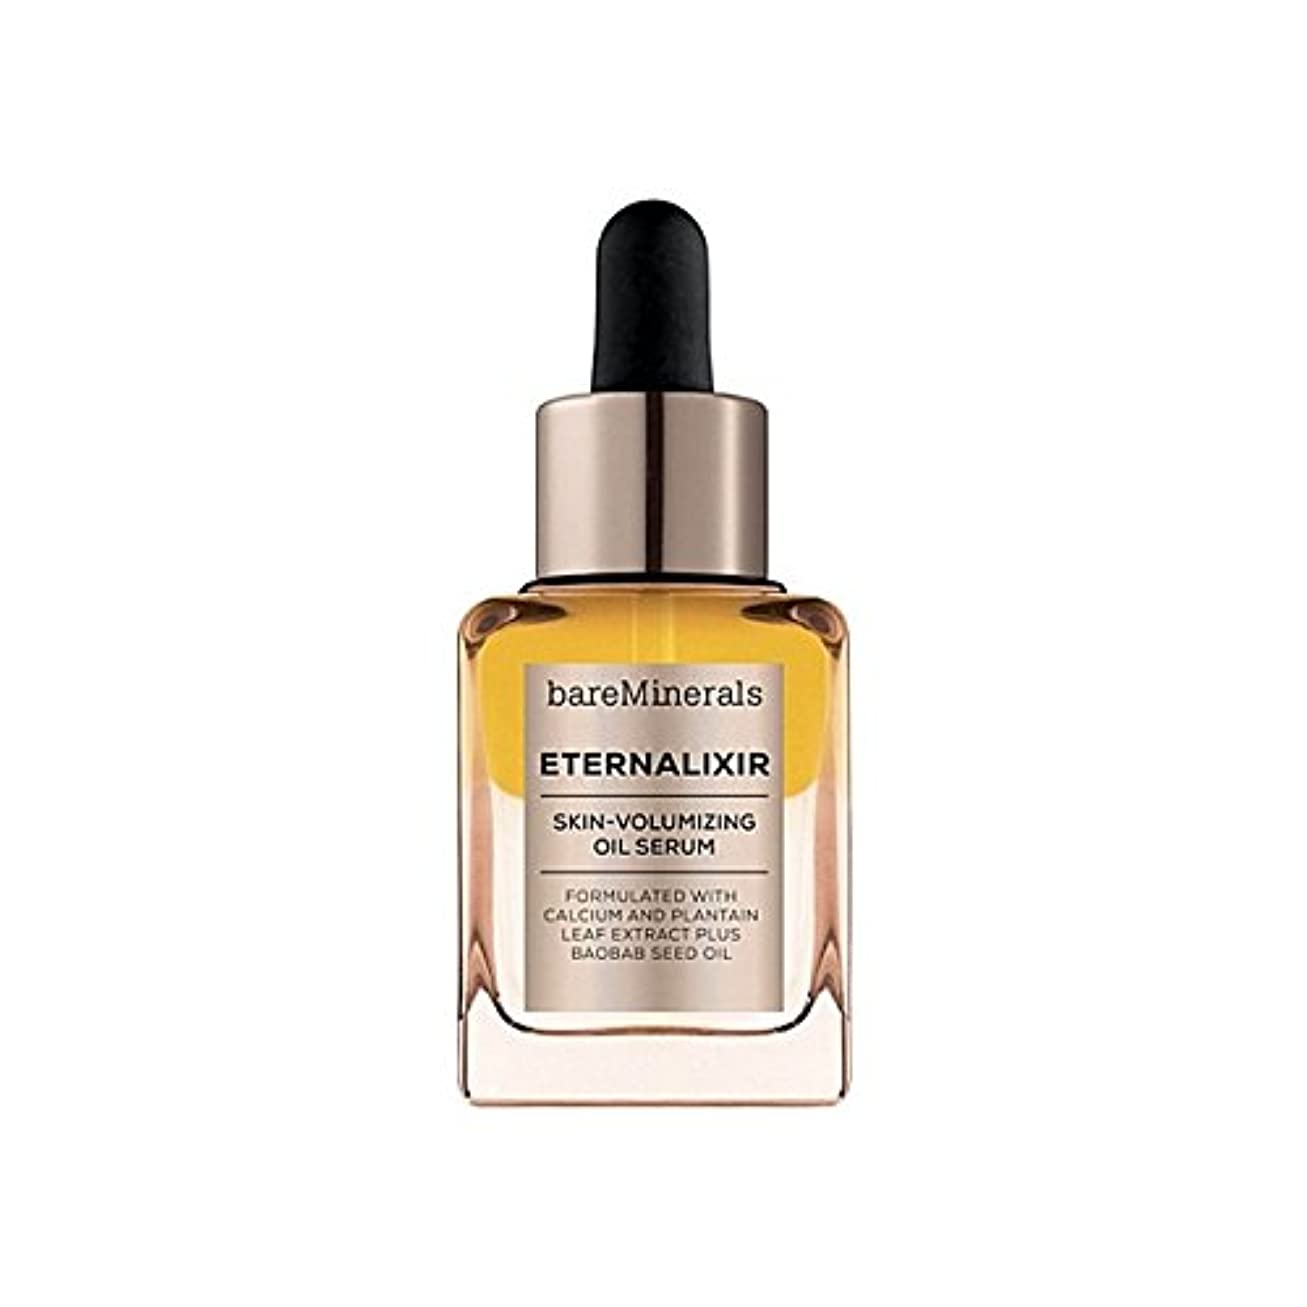 かなりガード抜粋ベアミネラル皮膚オイルセラム30 x2 - Bare Minerals Externalixir Skin Volumising Oil Serum 30Ml (Pack of 2) [並行輸入品]